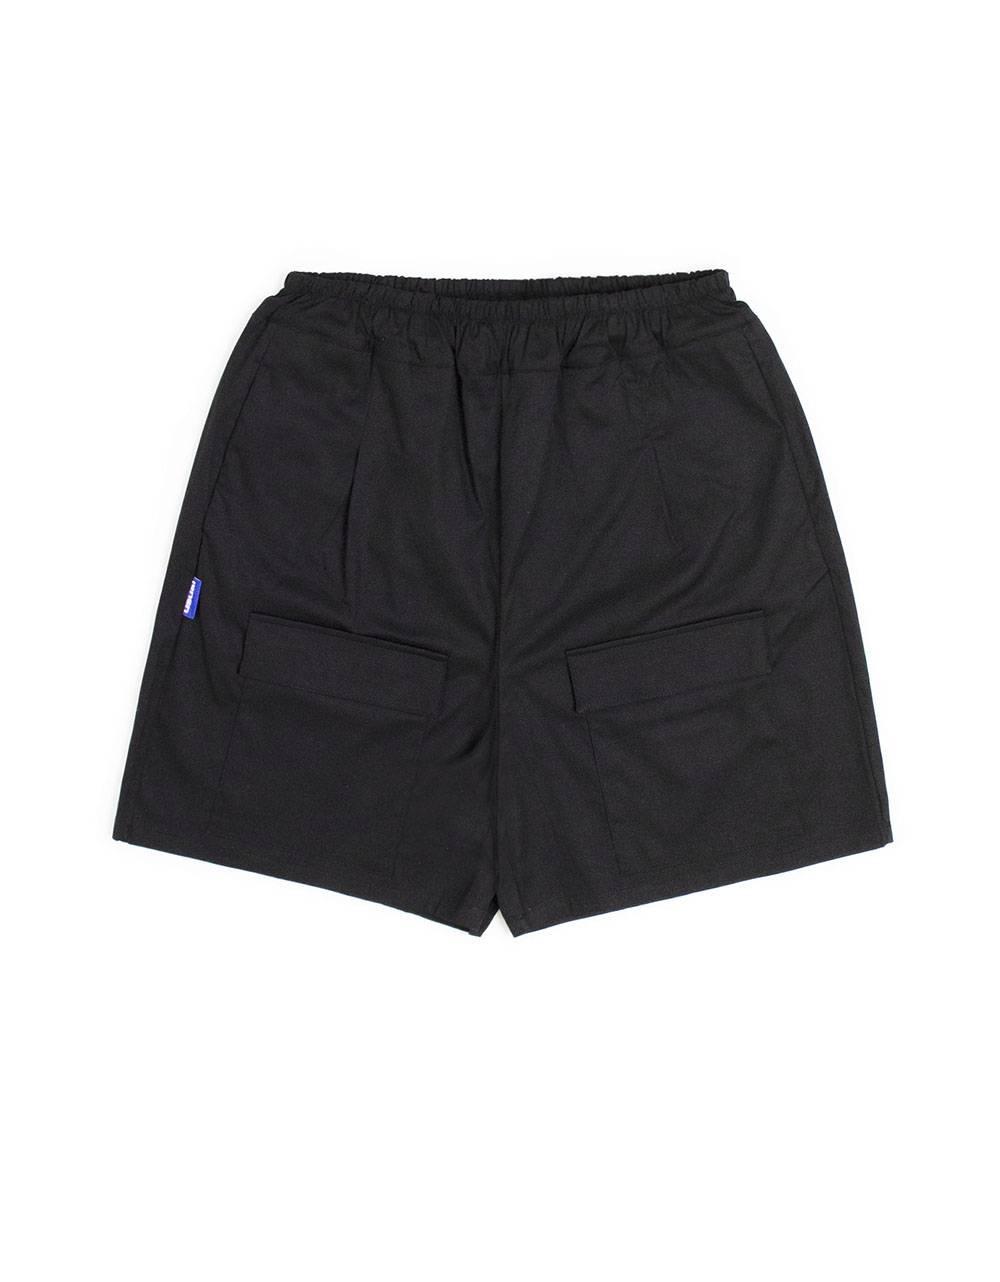 Nostalgia 1994 by Usual utility shorts - black Usual Shorts 78,69€